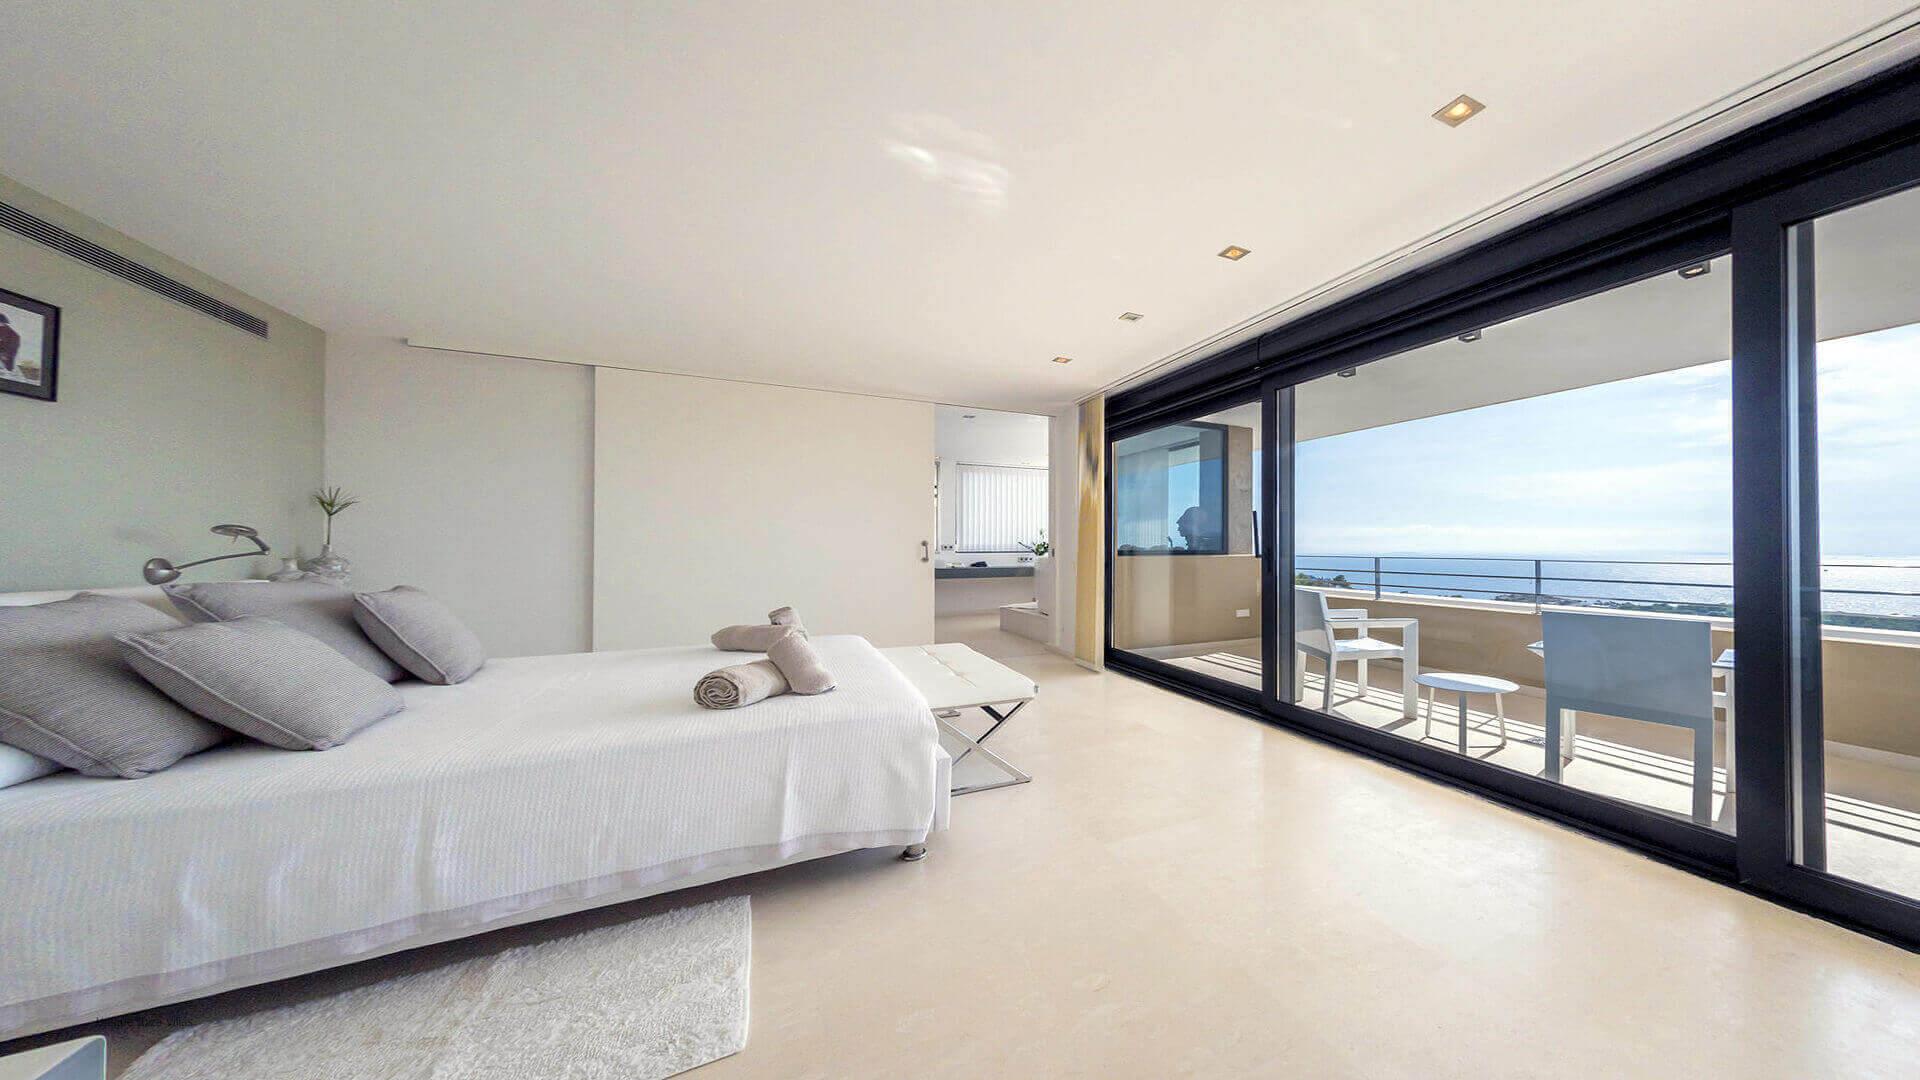 Villa Can Miguel Simo Ibiza 30 Bedroom 1